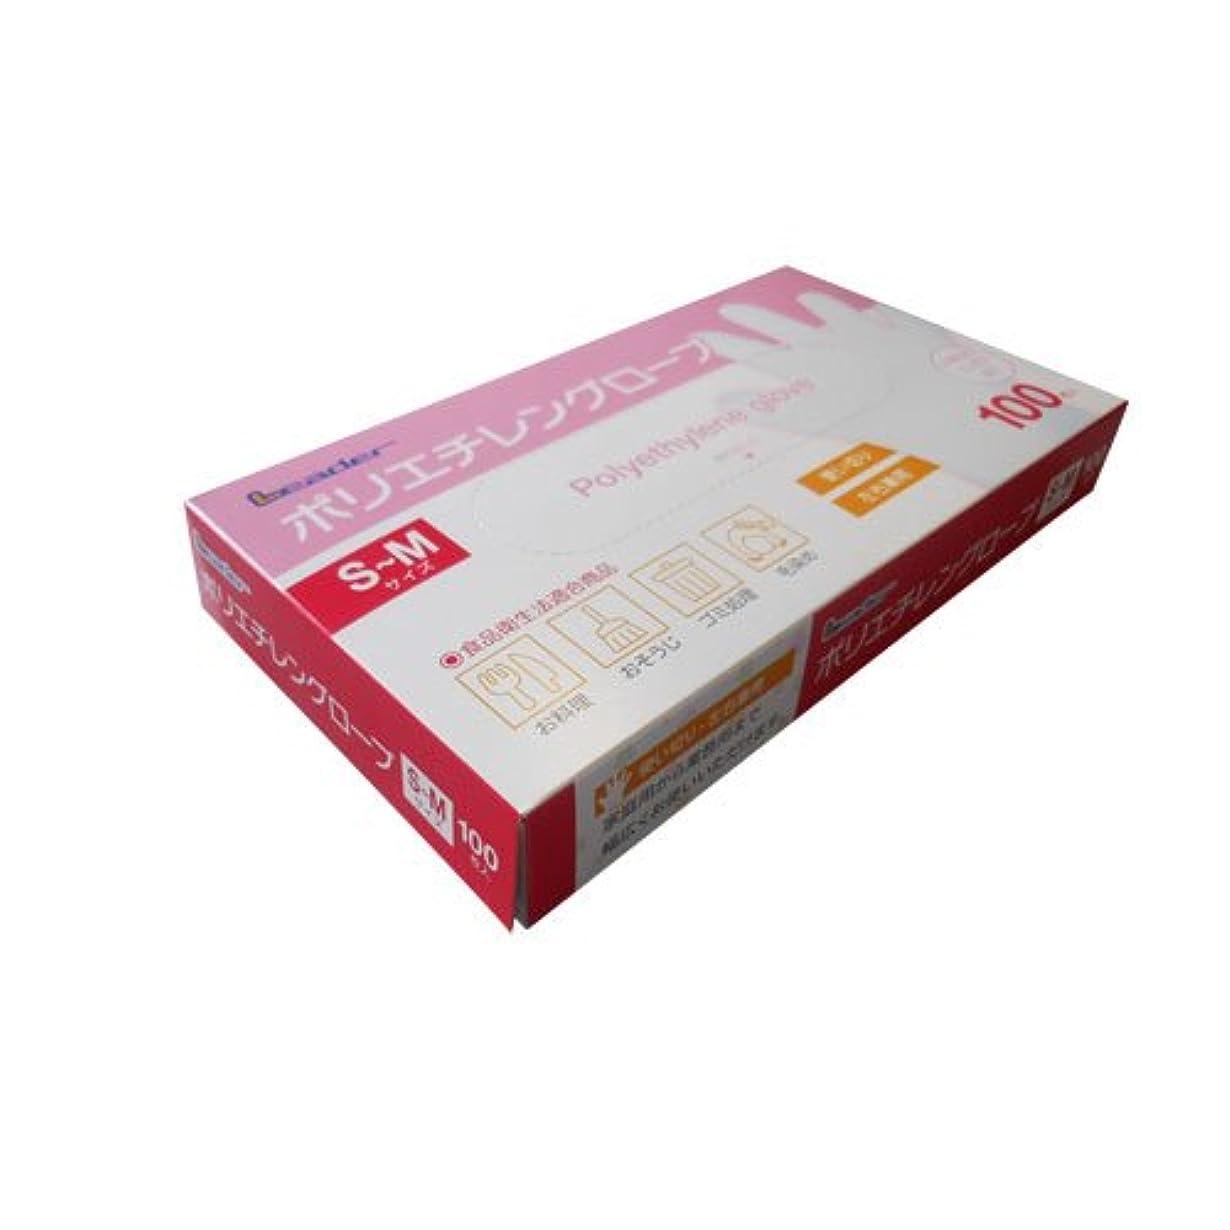 未使用お茶接続日進医療器株式会社:LEポリエチレングローブS~Mサイズ100枚 40個入 784481